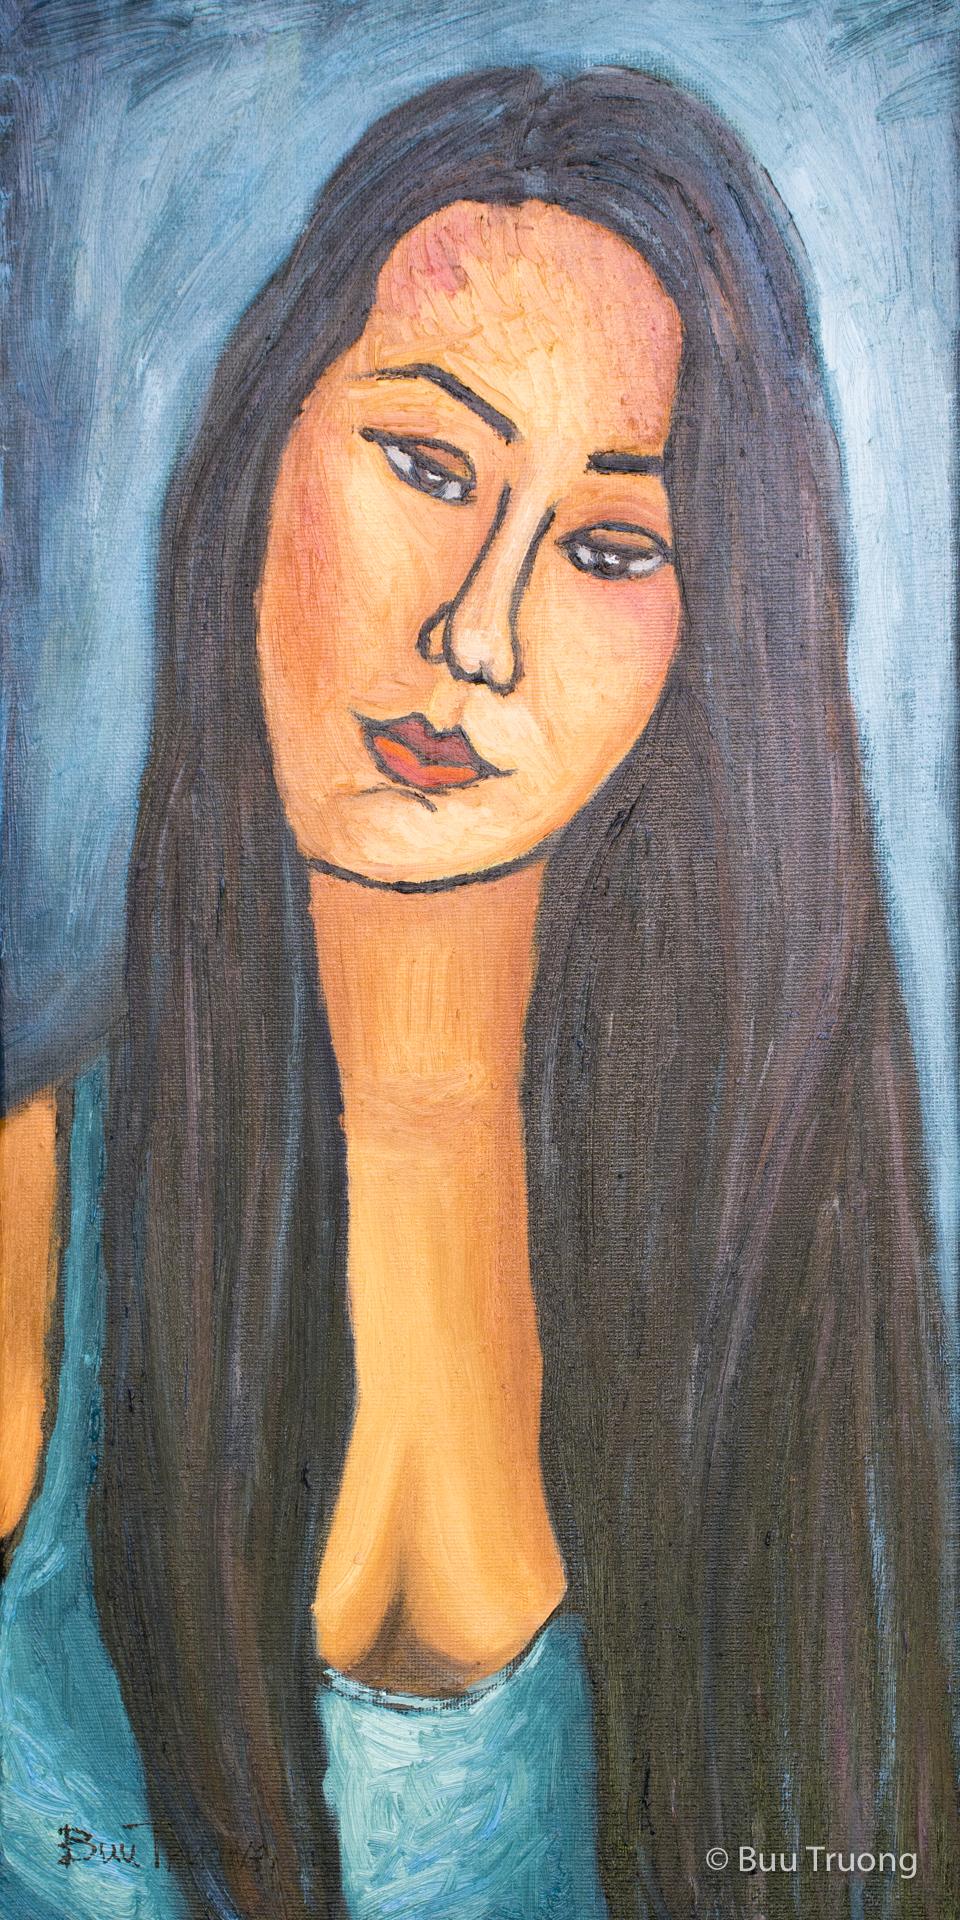 Channeling Modigliani